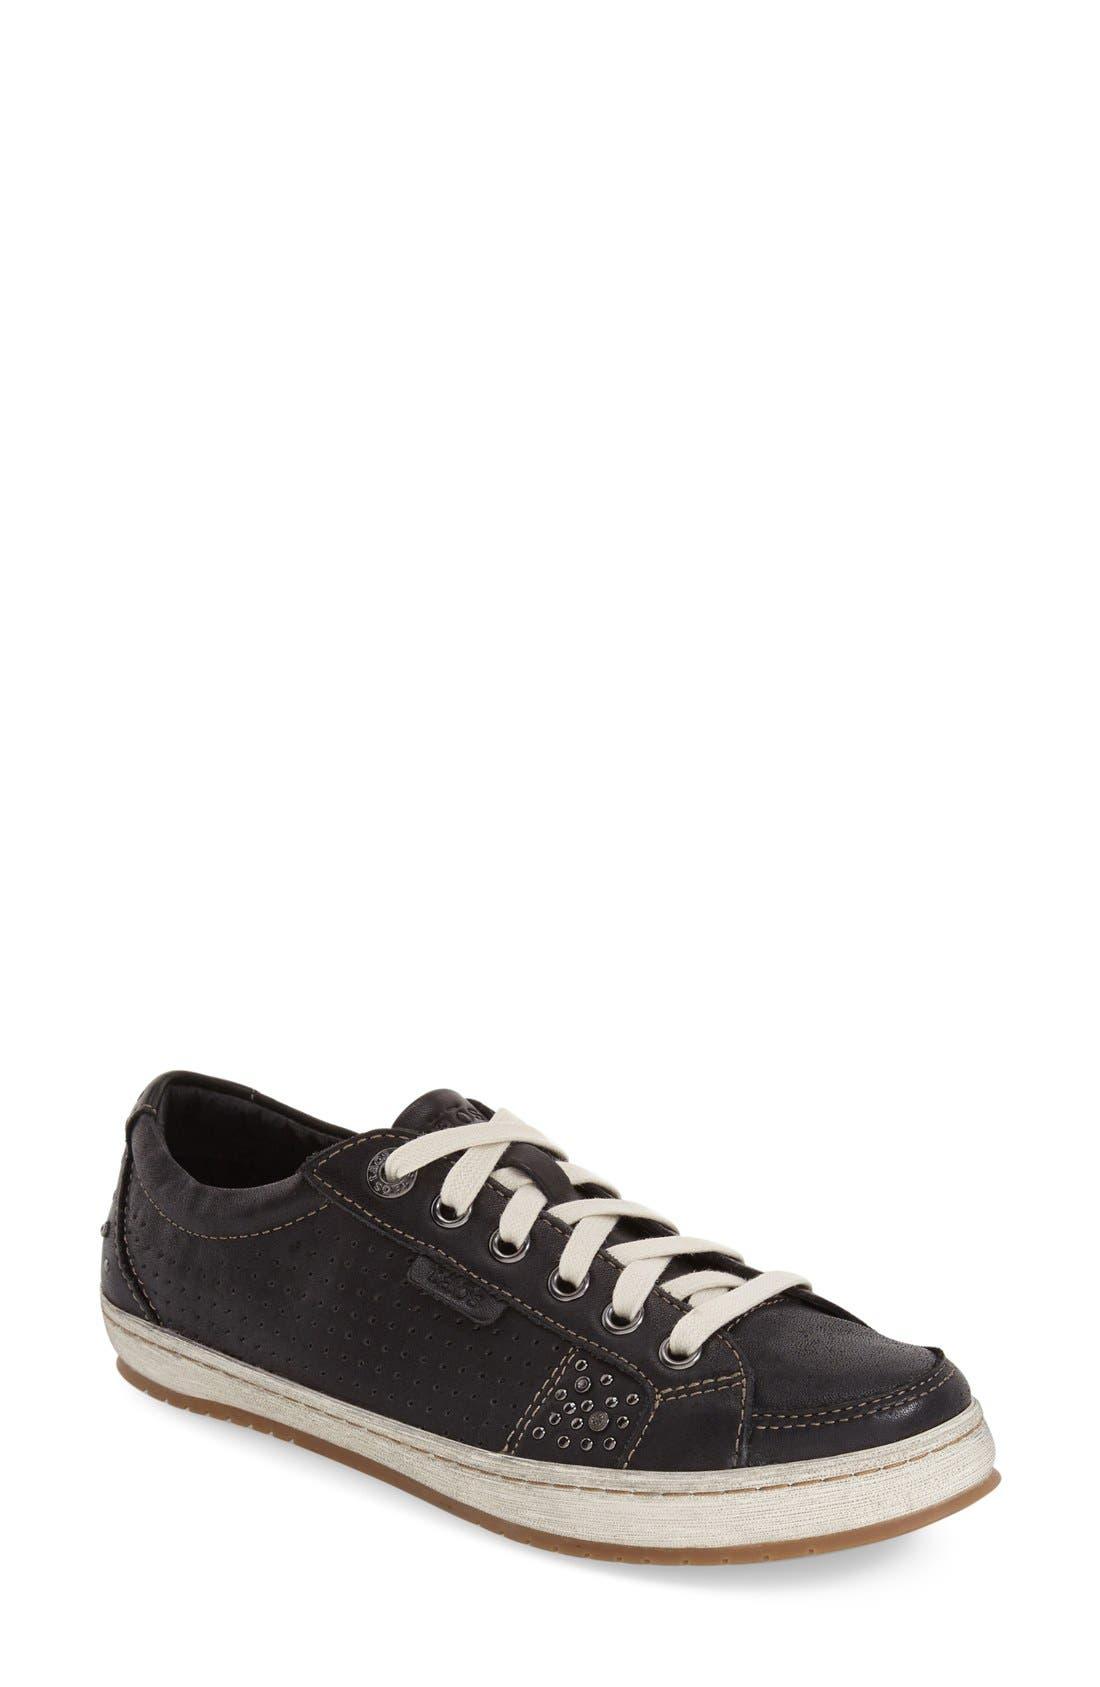 Taos 'Freedom' Sneaker (Women)